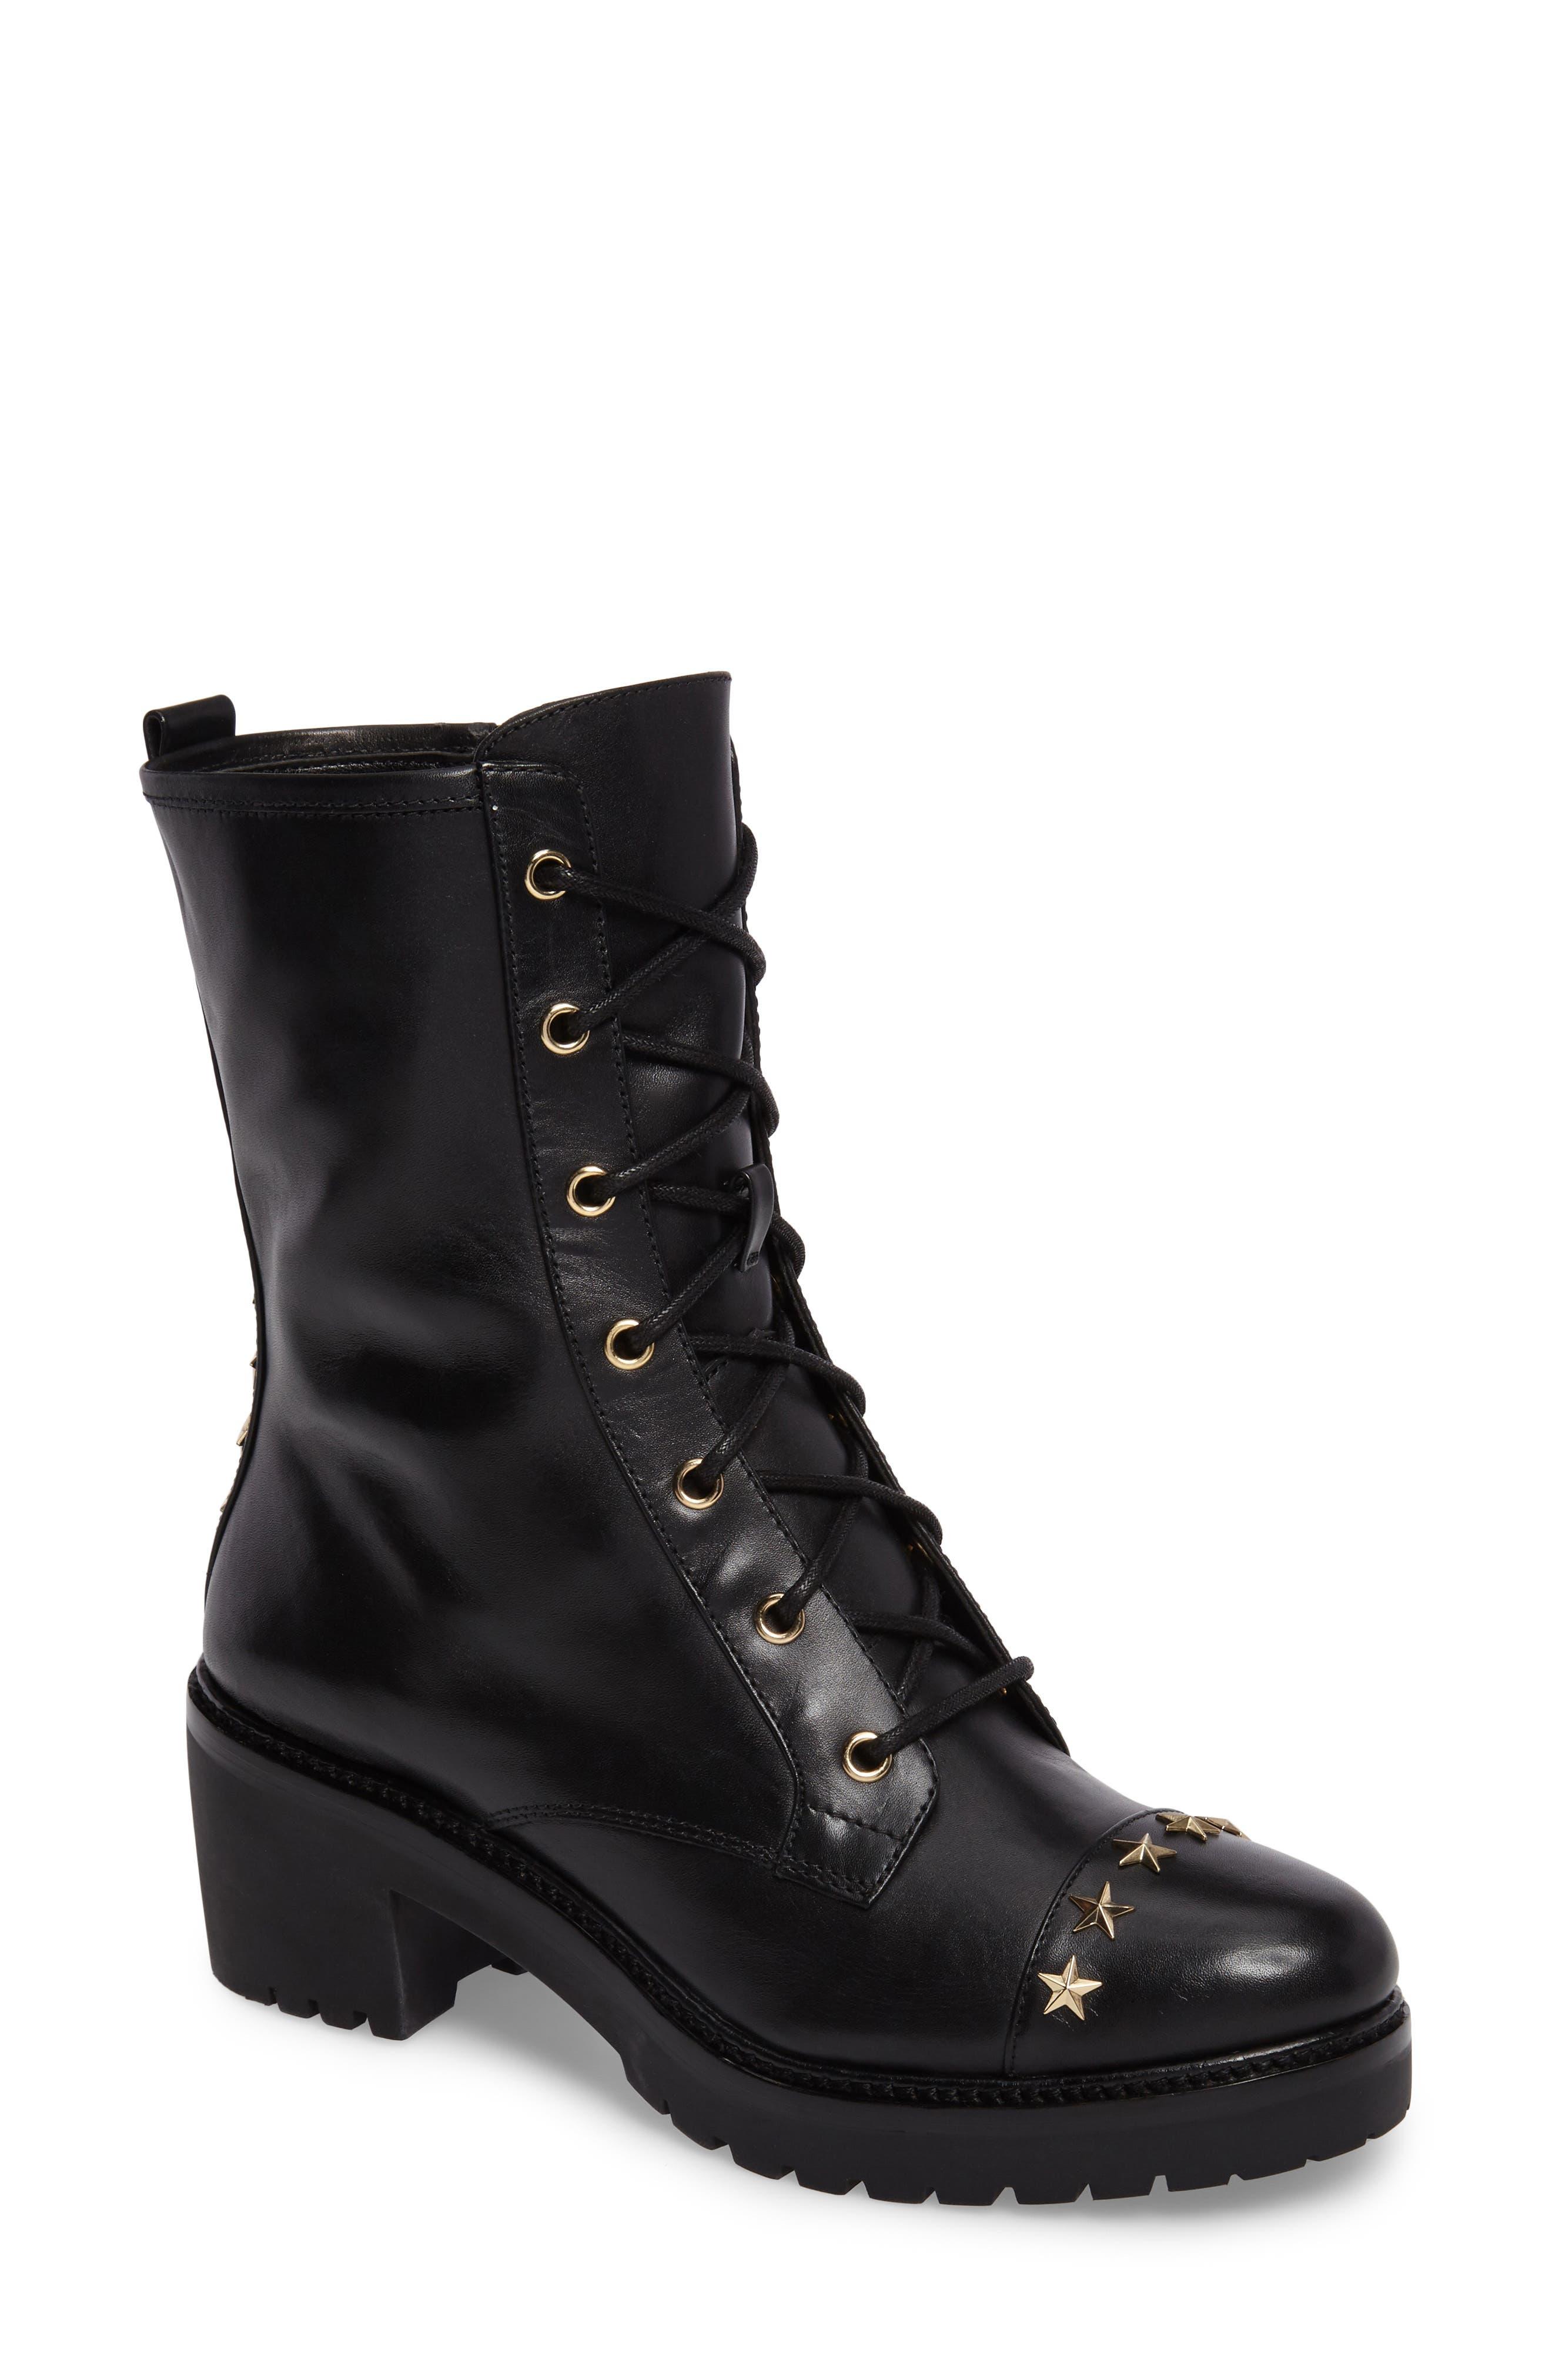 Alternate Image 1 Selected - MICHAEL Michael Kors Cody Combat Boot (Women)